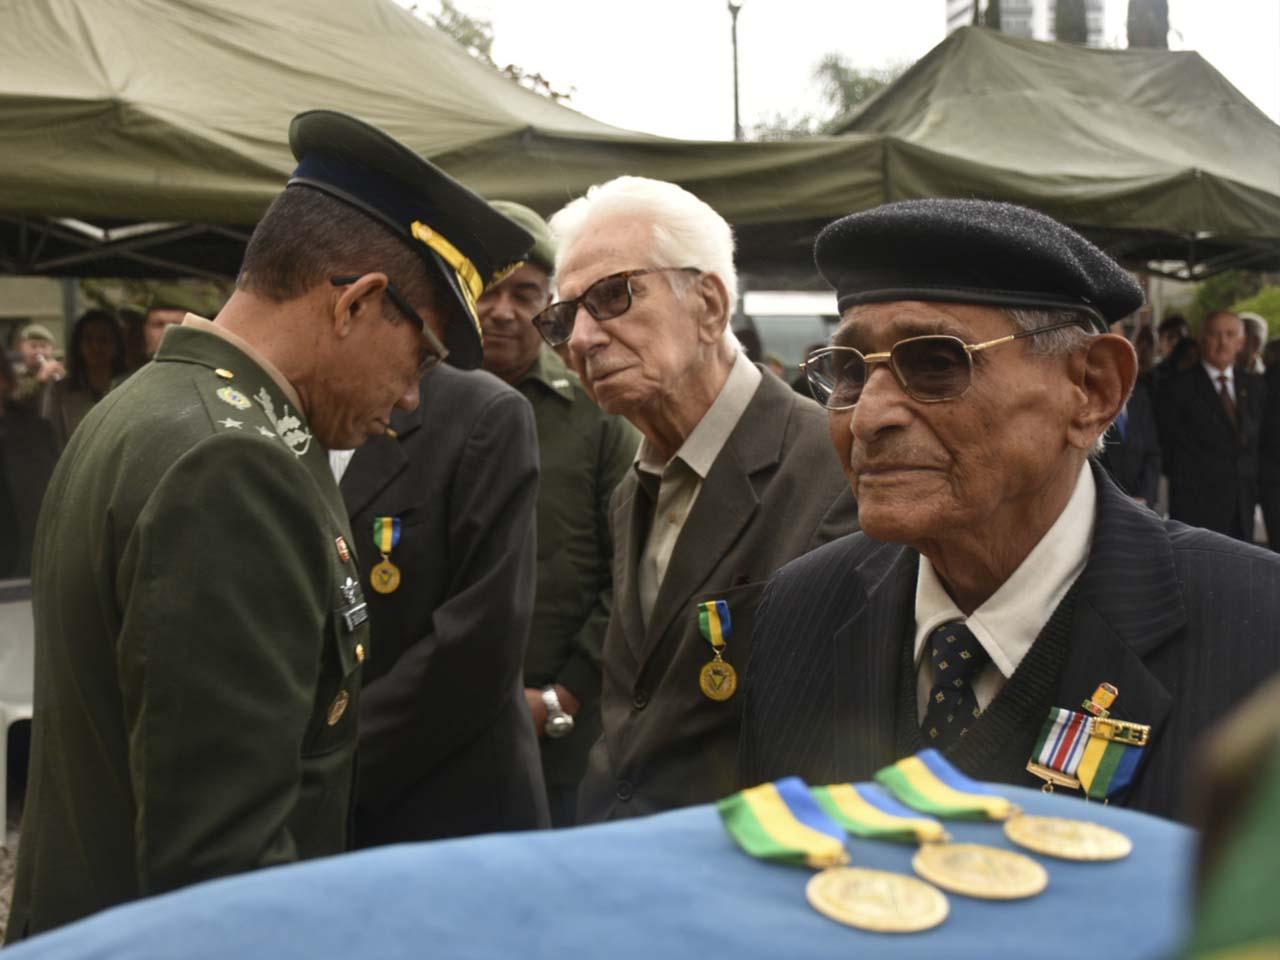 Em Curitiba, Semana de Monte Castelo celebra vitória da Força Expedicionária Brasileira em solo italiano